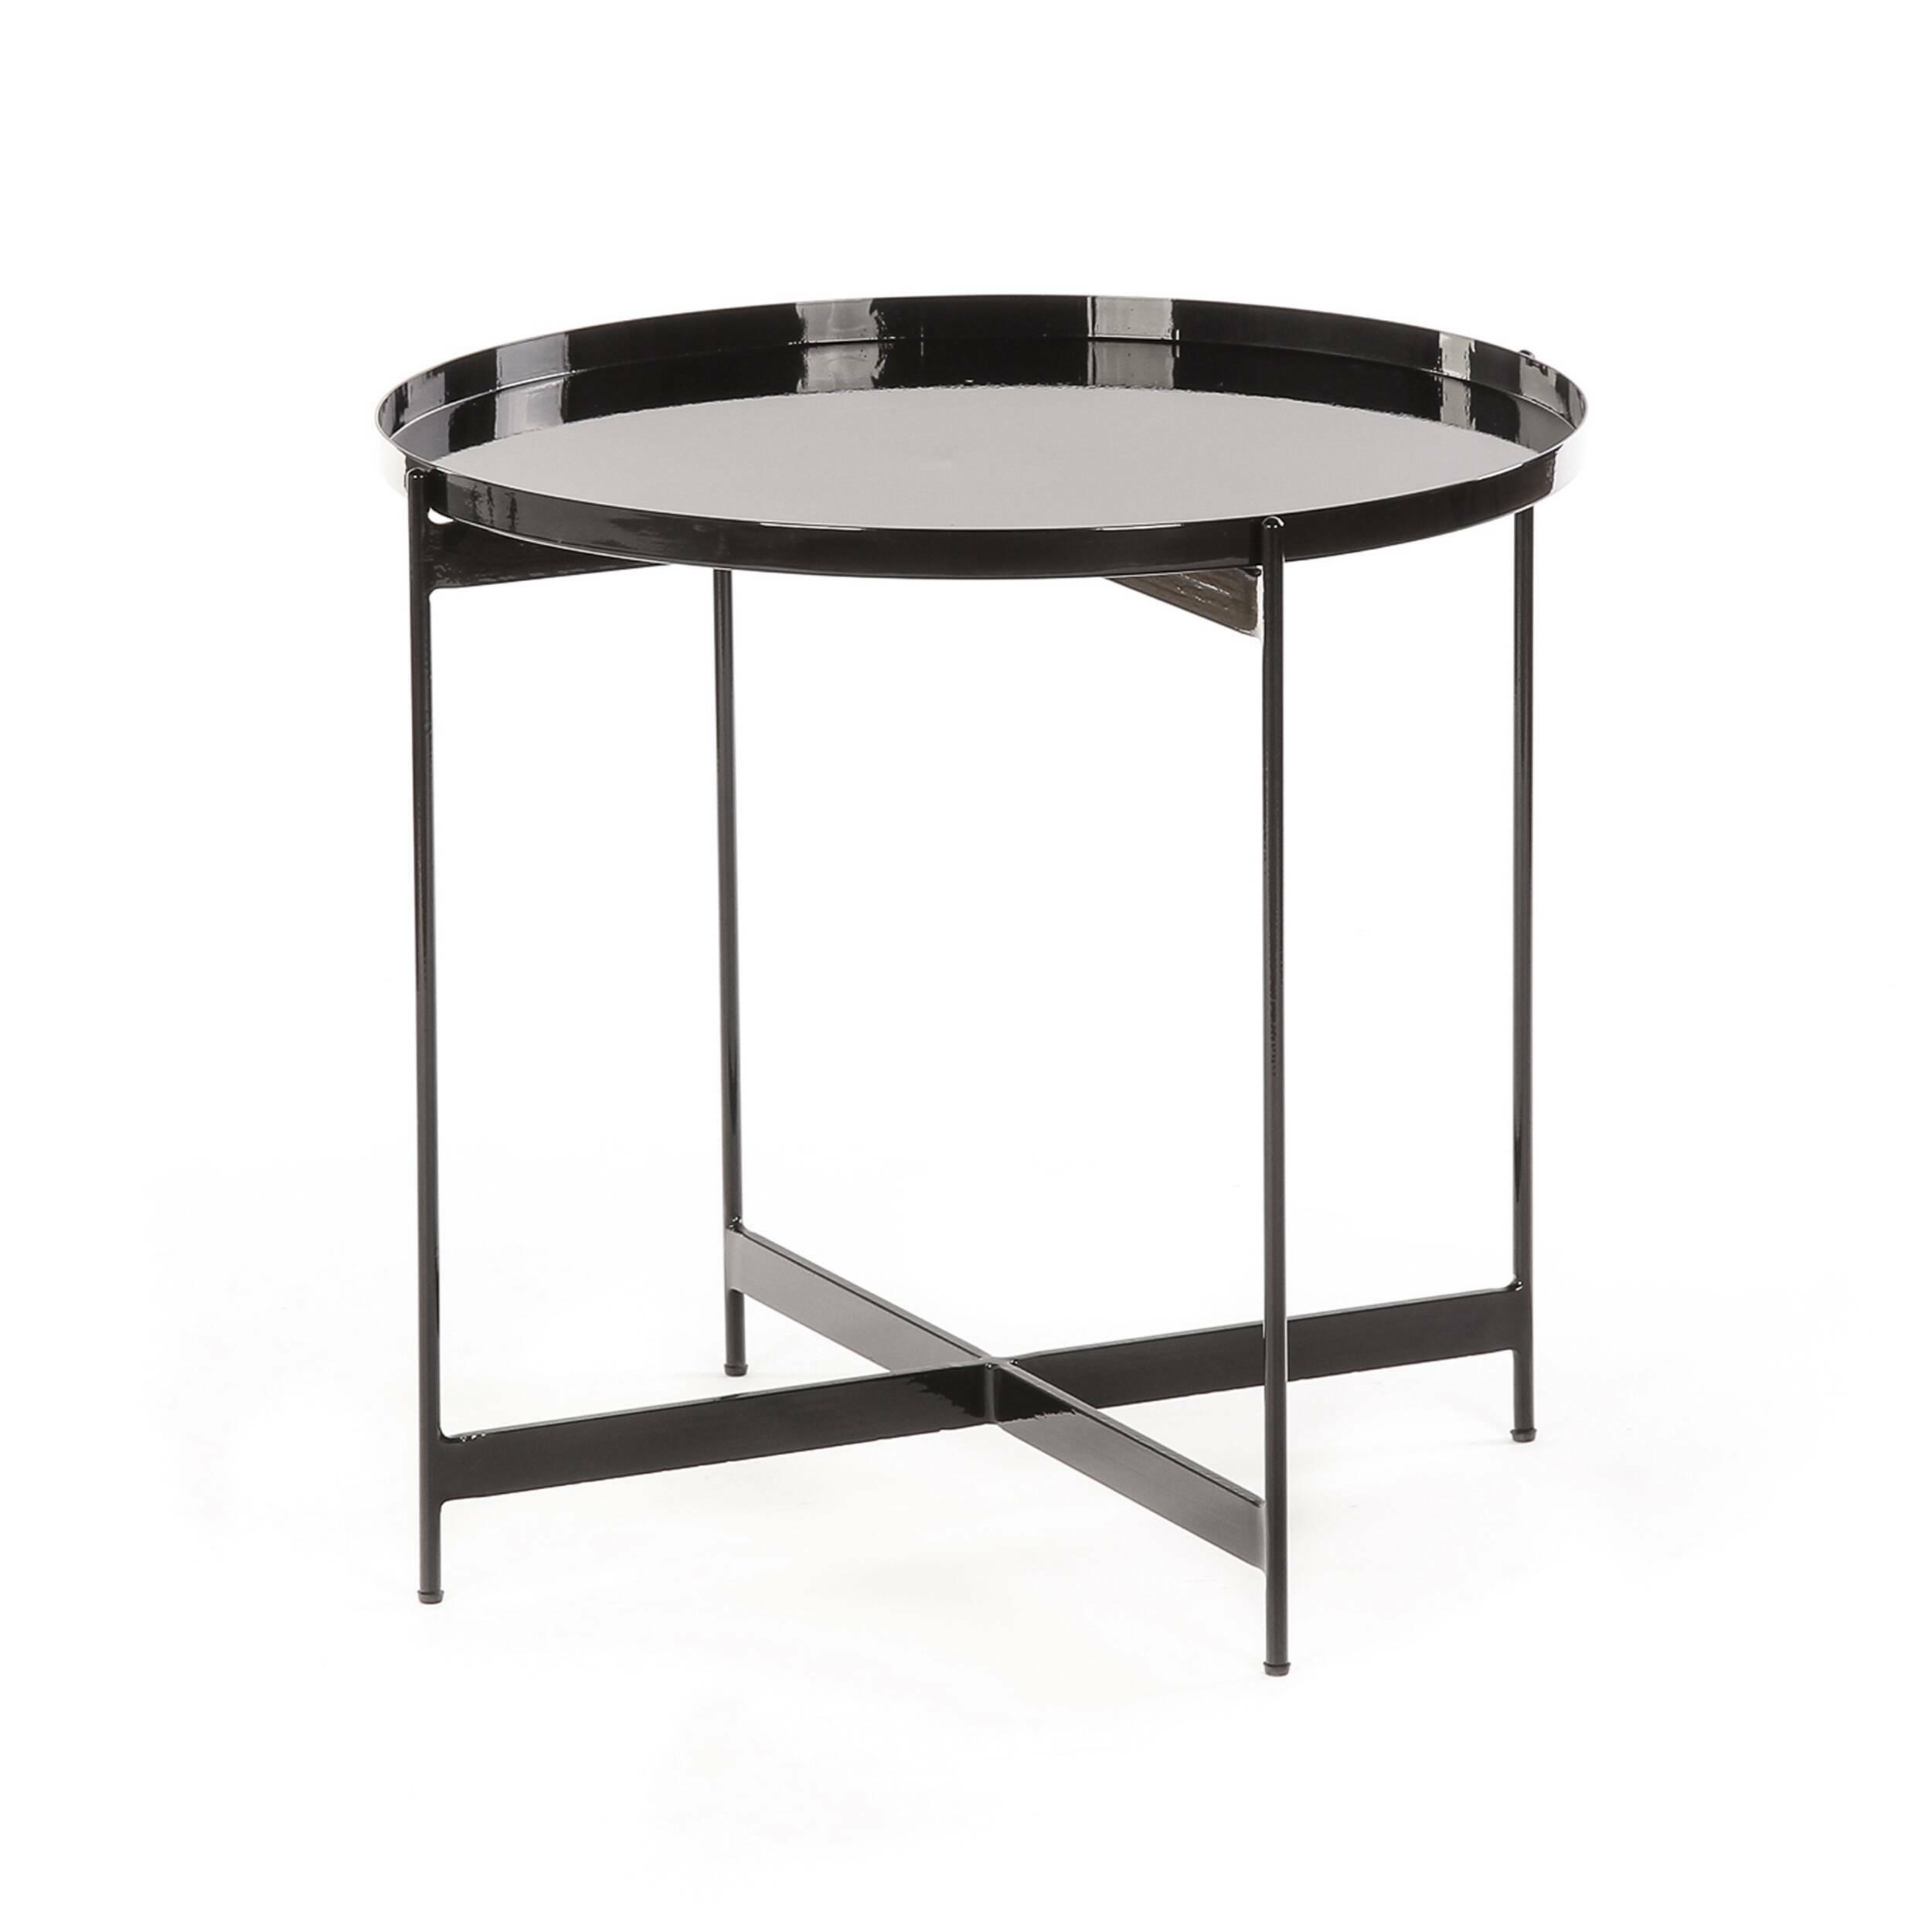 Кофейный стол SouillacКофейные столики<br>Если вы уже давно ищете стол, с которого ничего не упадет, не прольется и не скатится на пол, тогда дизайнерский кофейный стол Souillac станет прекрасным решением. Главная особенность этой модели – в высоких бортиках по всей окружности, благодаря которым можно не бояться, что любимый кот что-то столкнет со стола или кофе прольется на новый паркет.<br><br><br> Для изготовления столика дизайнеры выбрали сталь – надежный, прочный материал, за счет которого изделие на многие десятки лет сохранит пре...<br><br>stock: 11<br>Высота: 52<br>Диаметр: 57<br>Тип материала каркаса: Сталь<br>Цвет каркаса: Черный